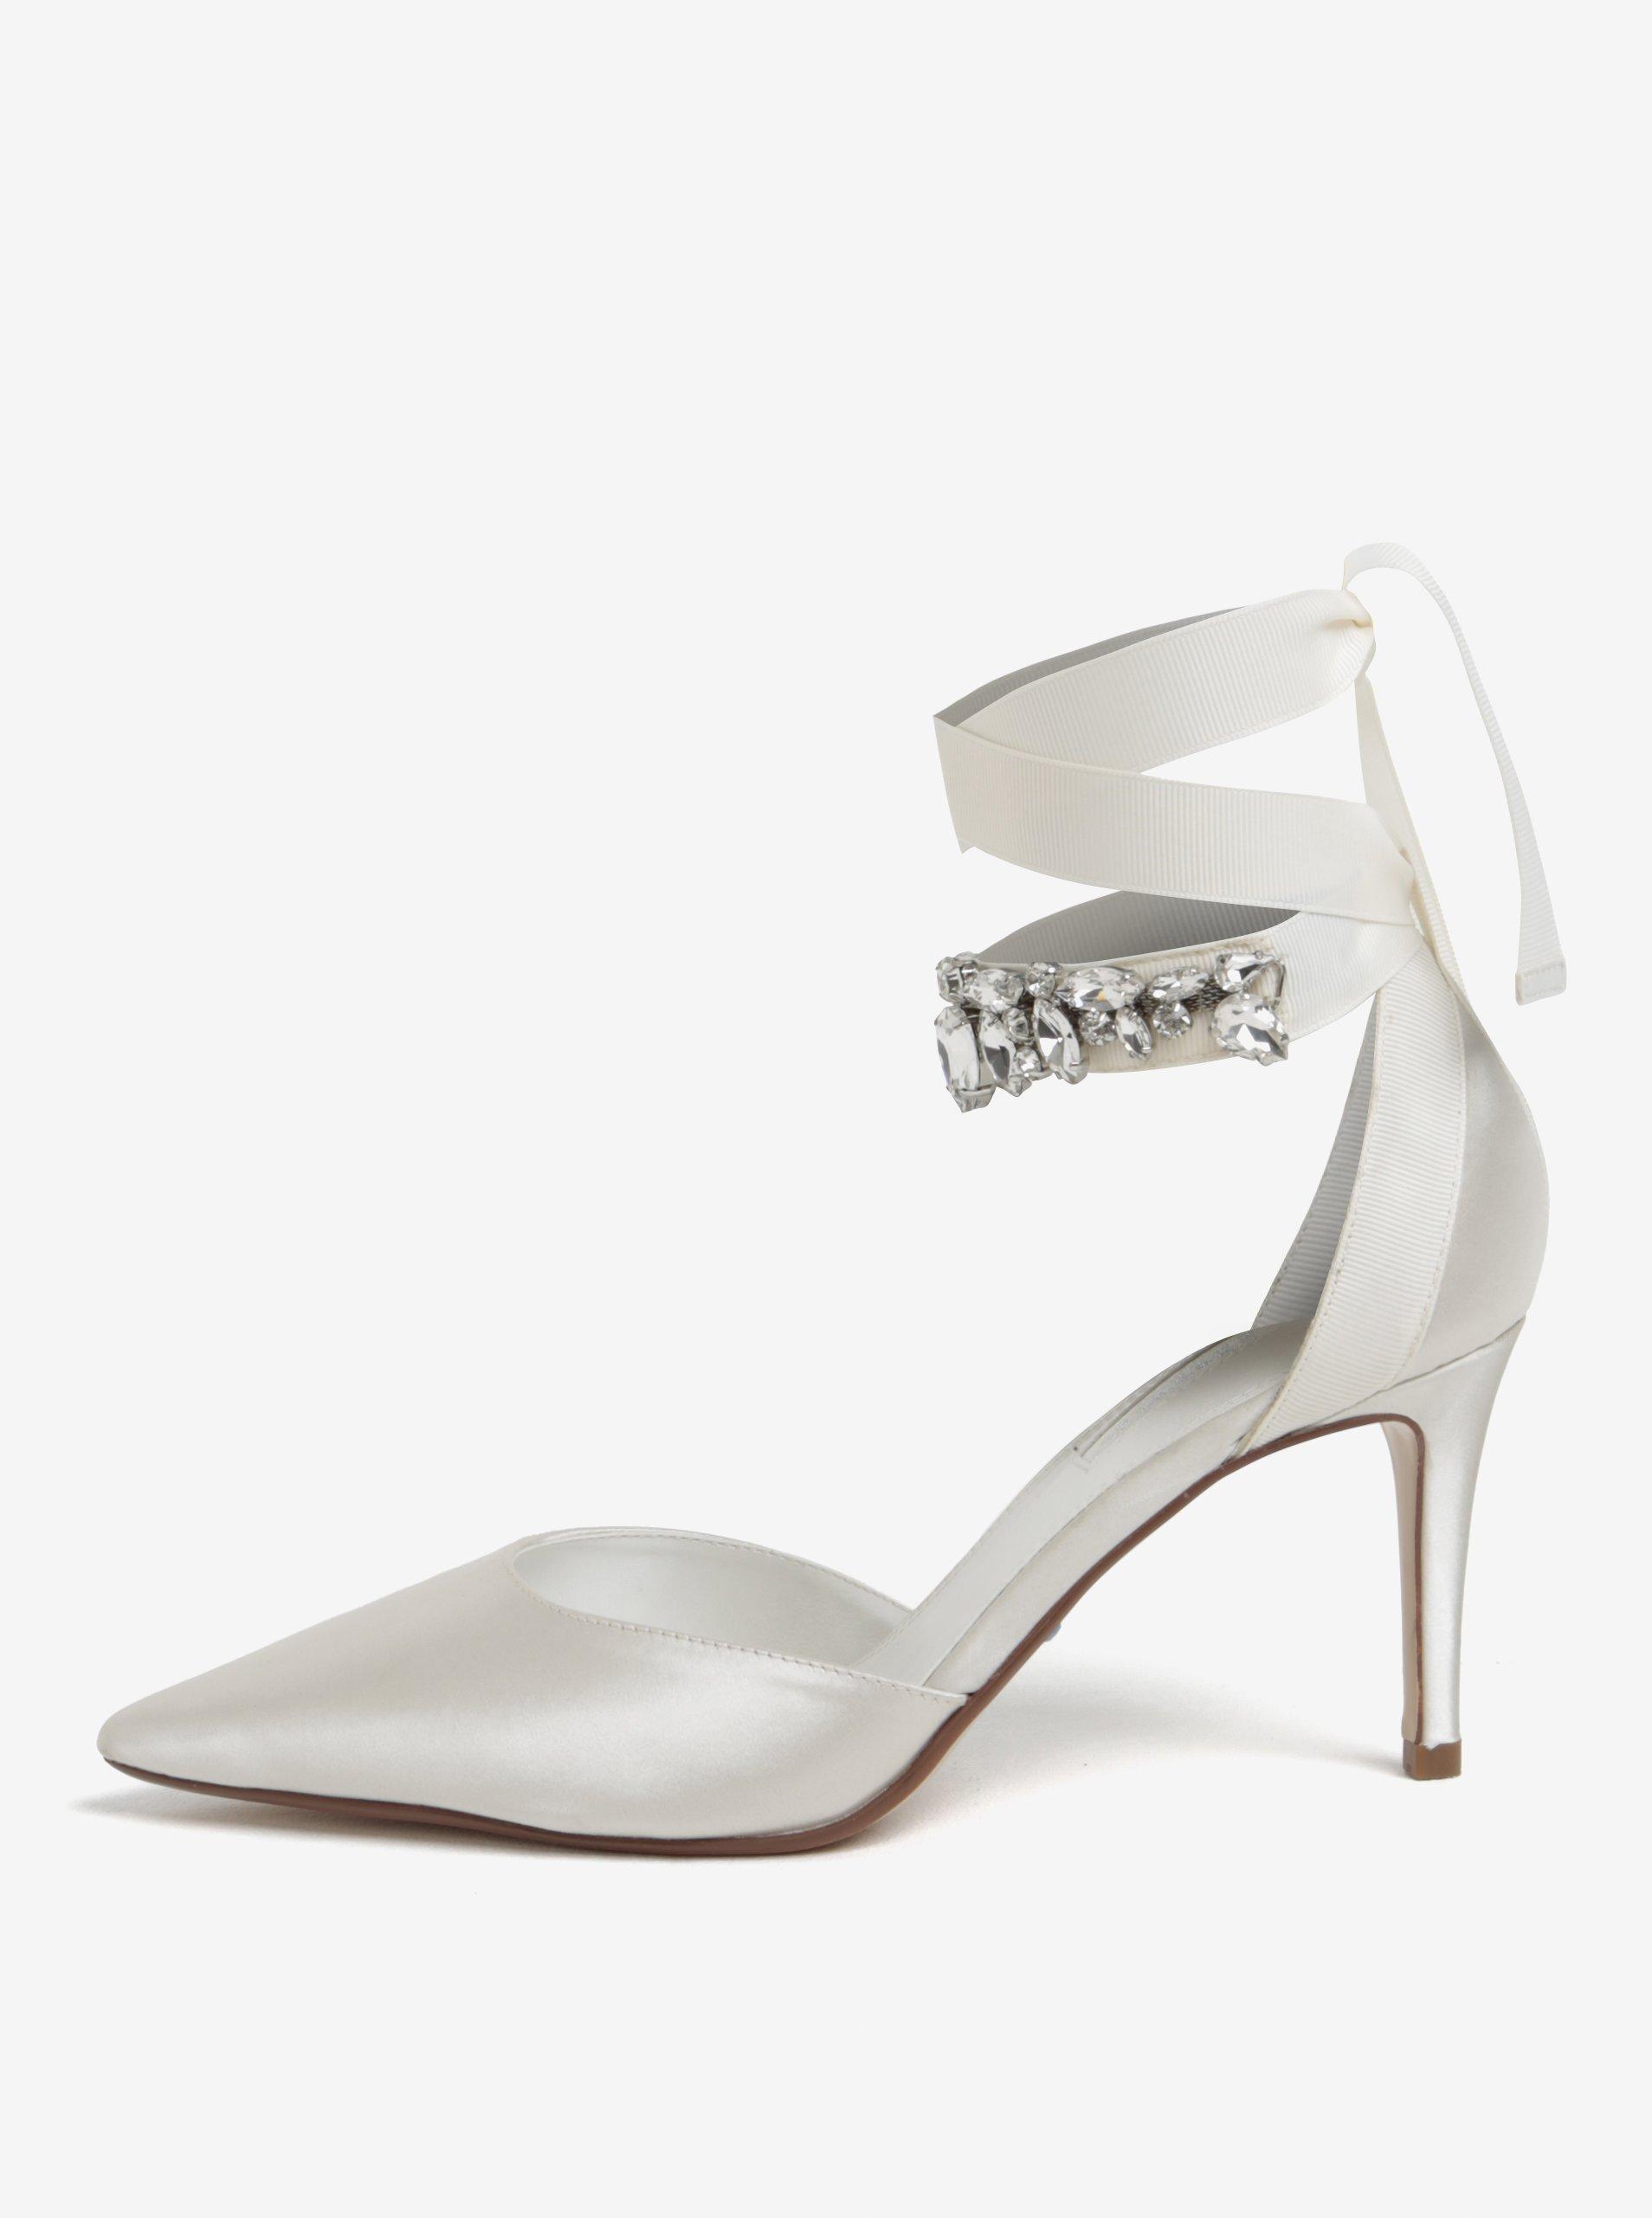 44f32742072c8 Krémové saténové sandálky so stuhou okolo členka Dune London Diamond ...